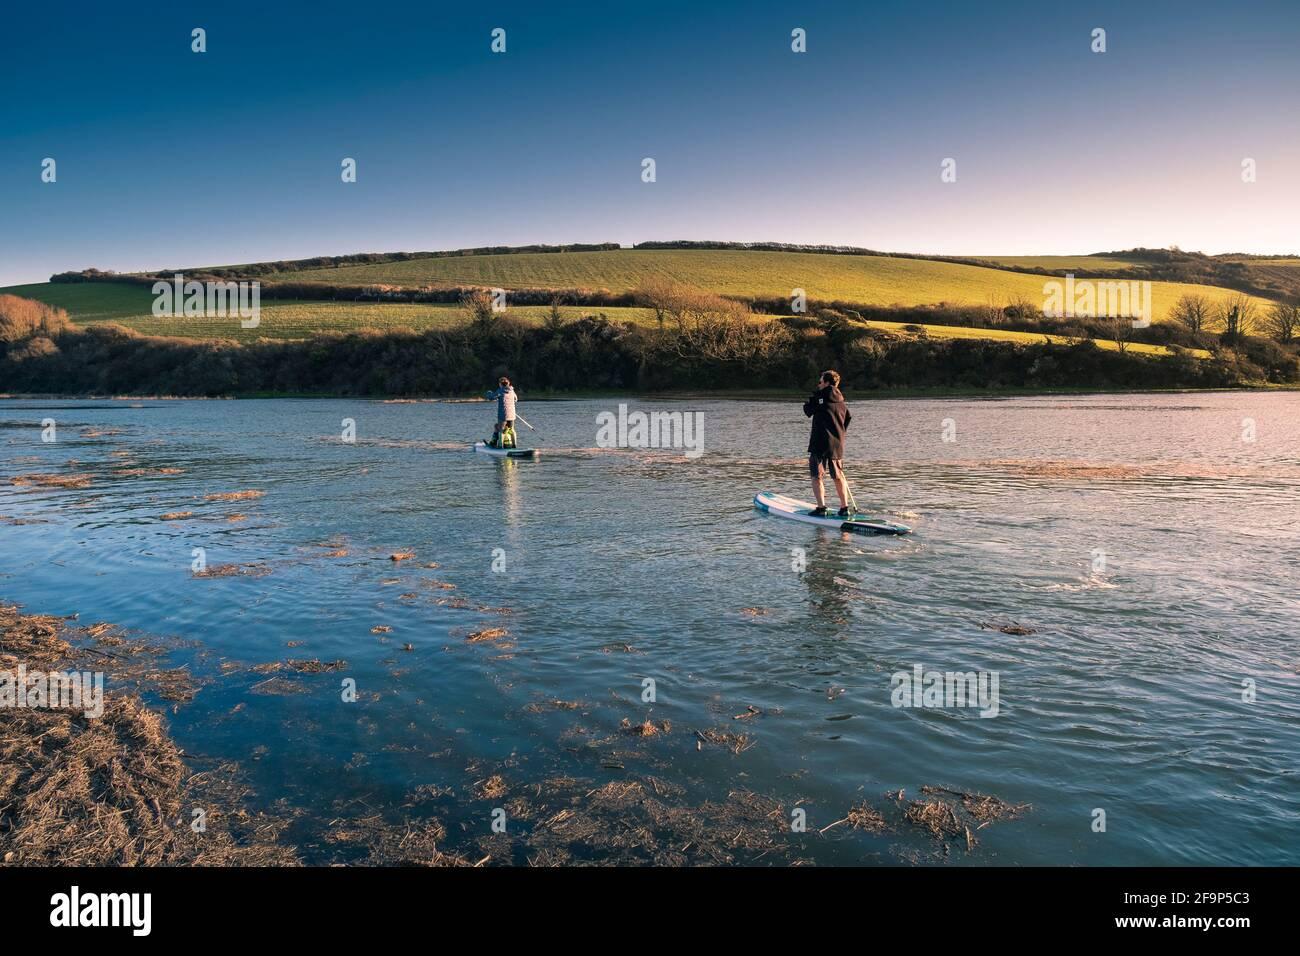 Eine Familie von Urlaubern, die bei Flut auf dem Gannel River in Newquay in Cornwall ihren Stand Up Paddleboards Spaß haben. Stockfoto